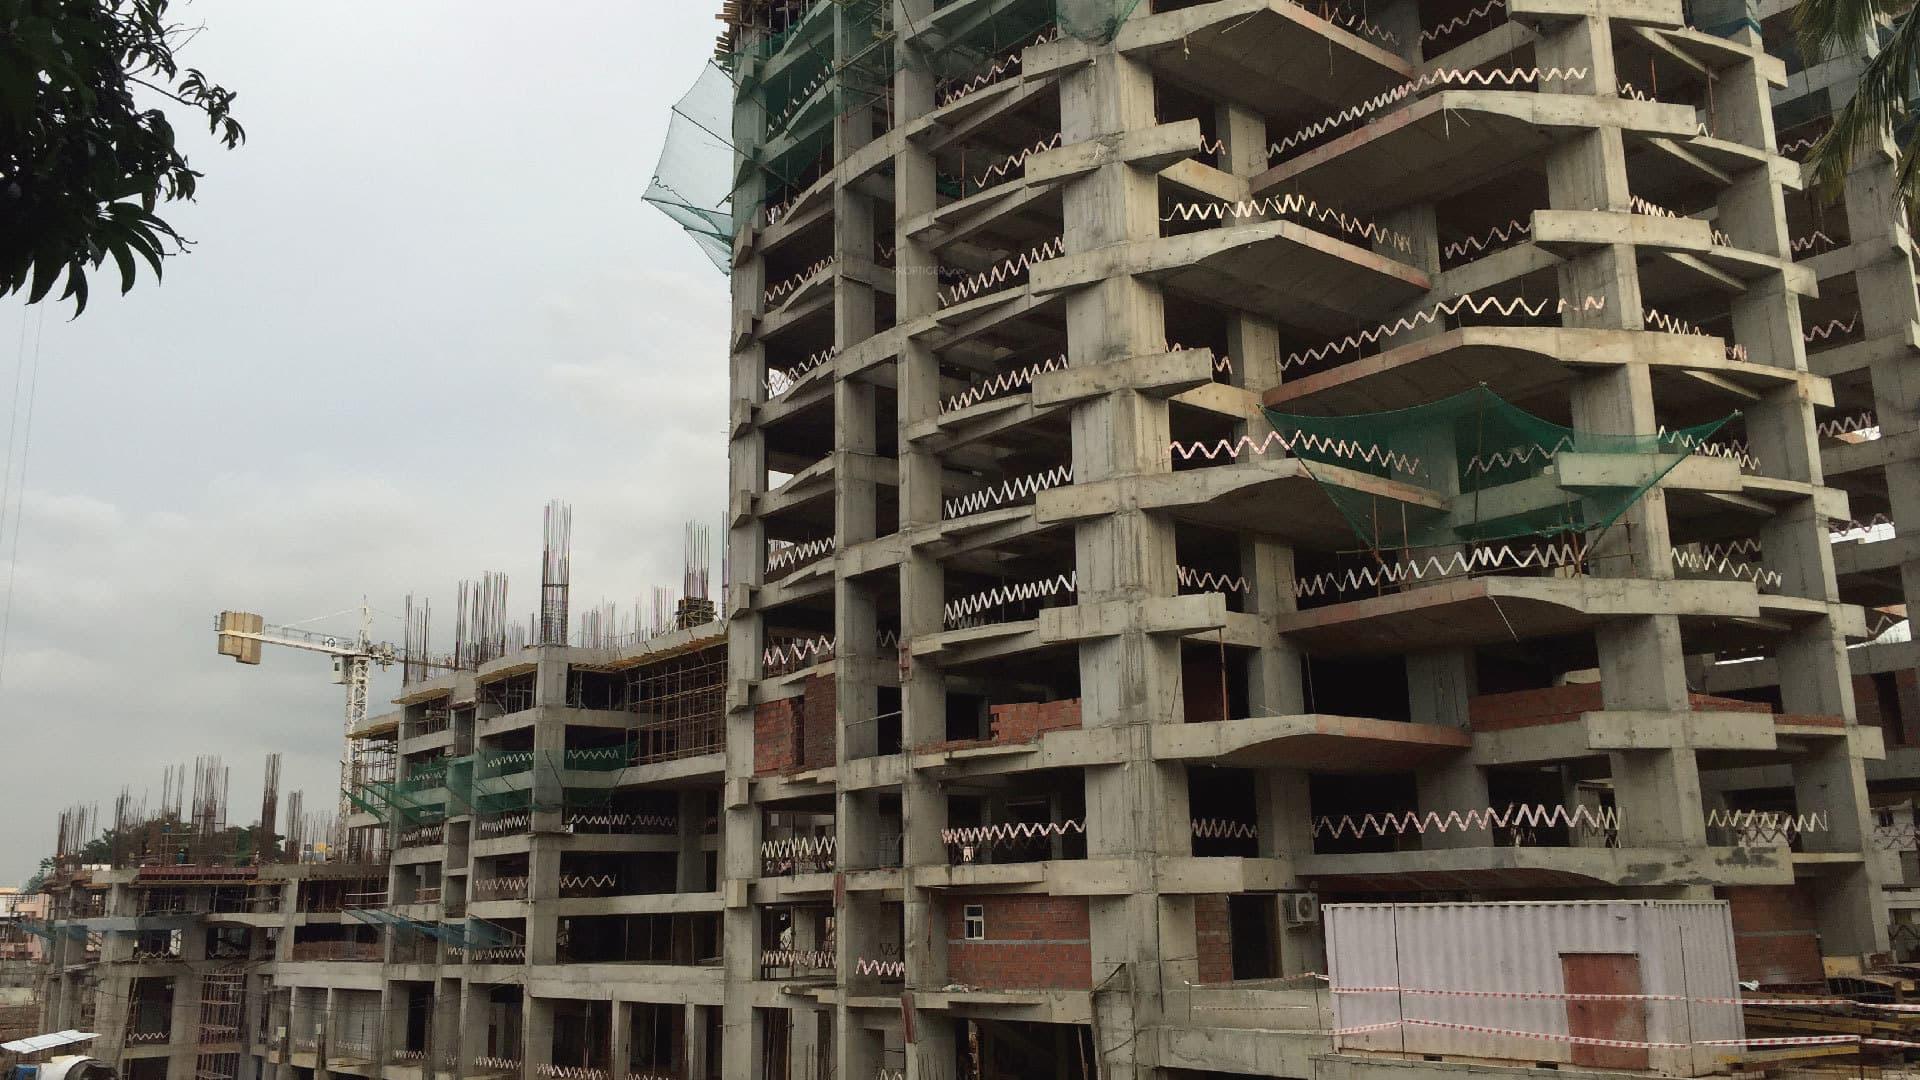 Construtora-Naves-Armacao-de-Concreto-Reforcado-04